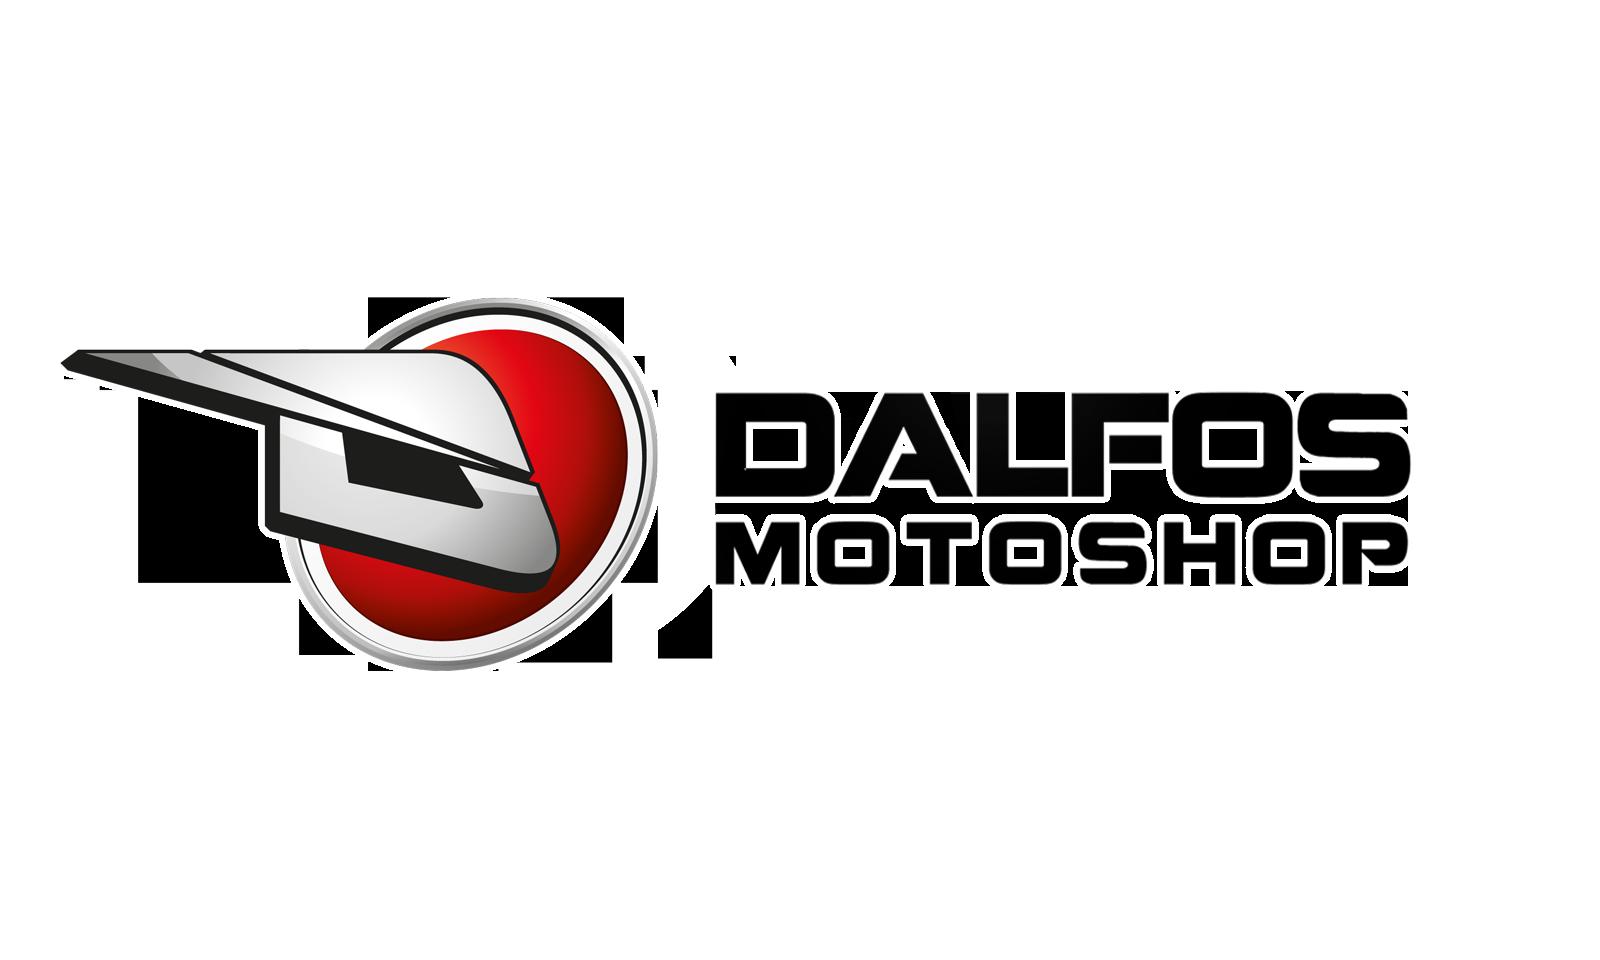 dalfos motoshop logo